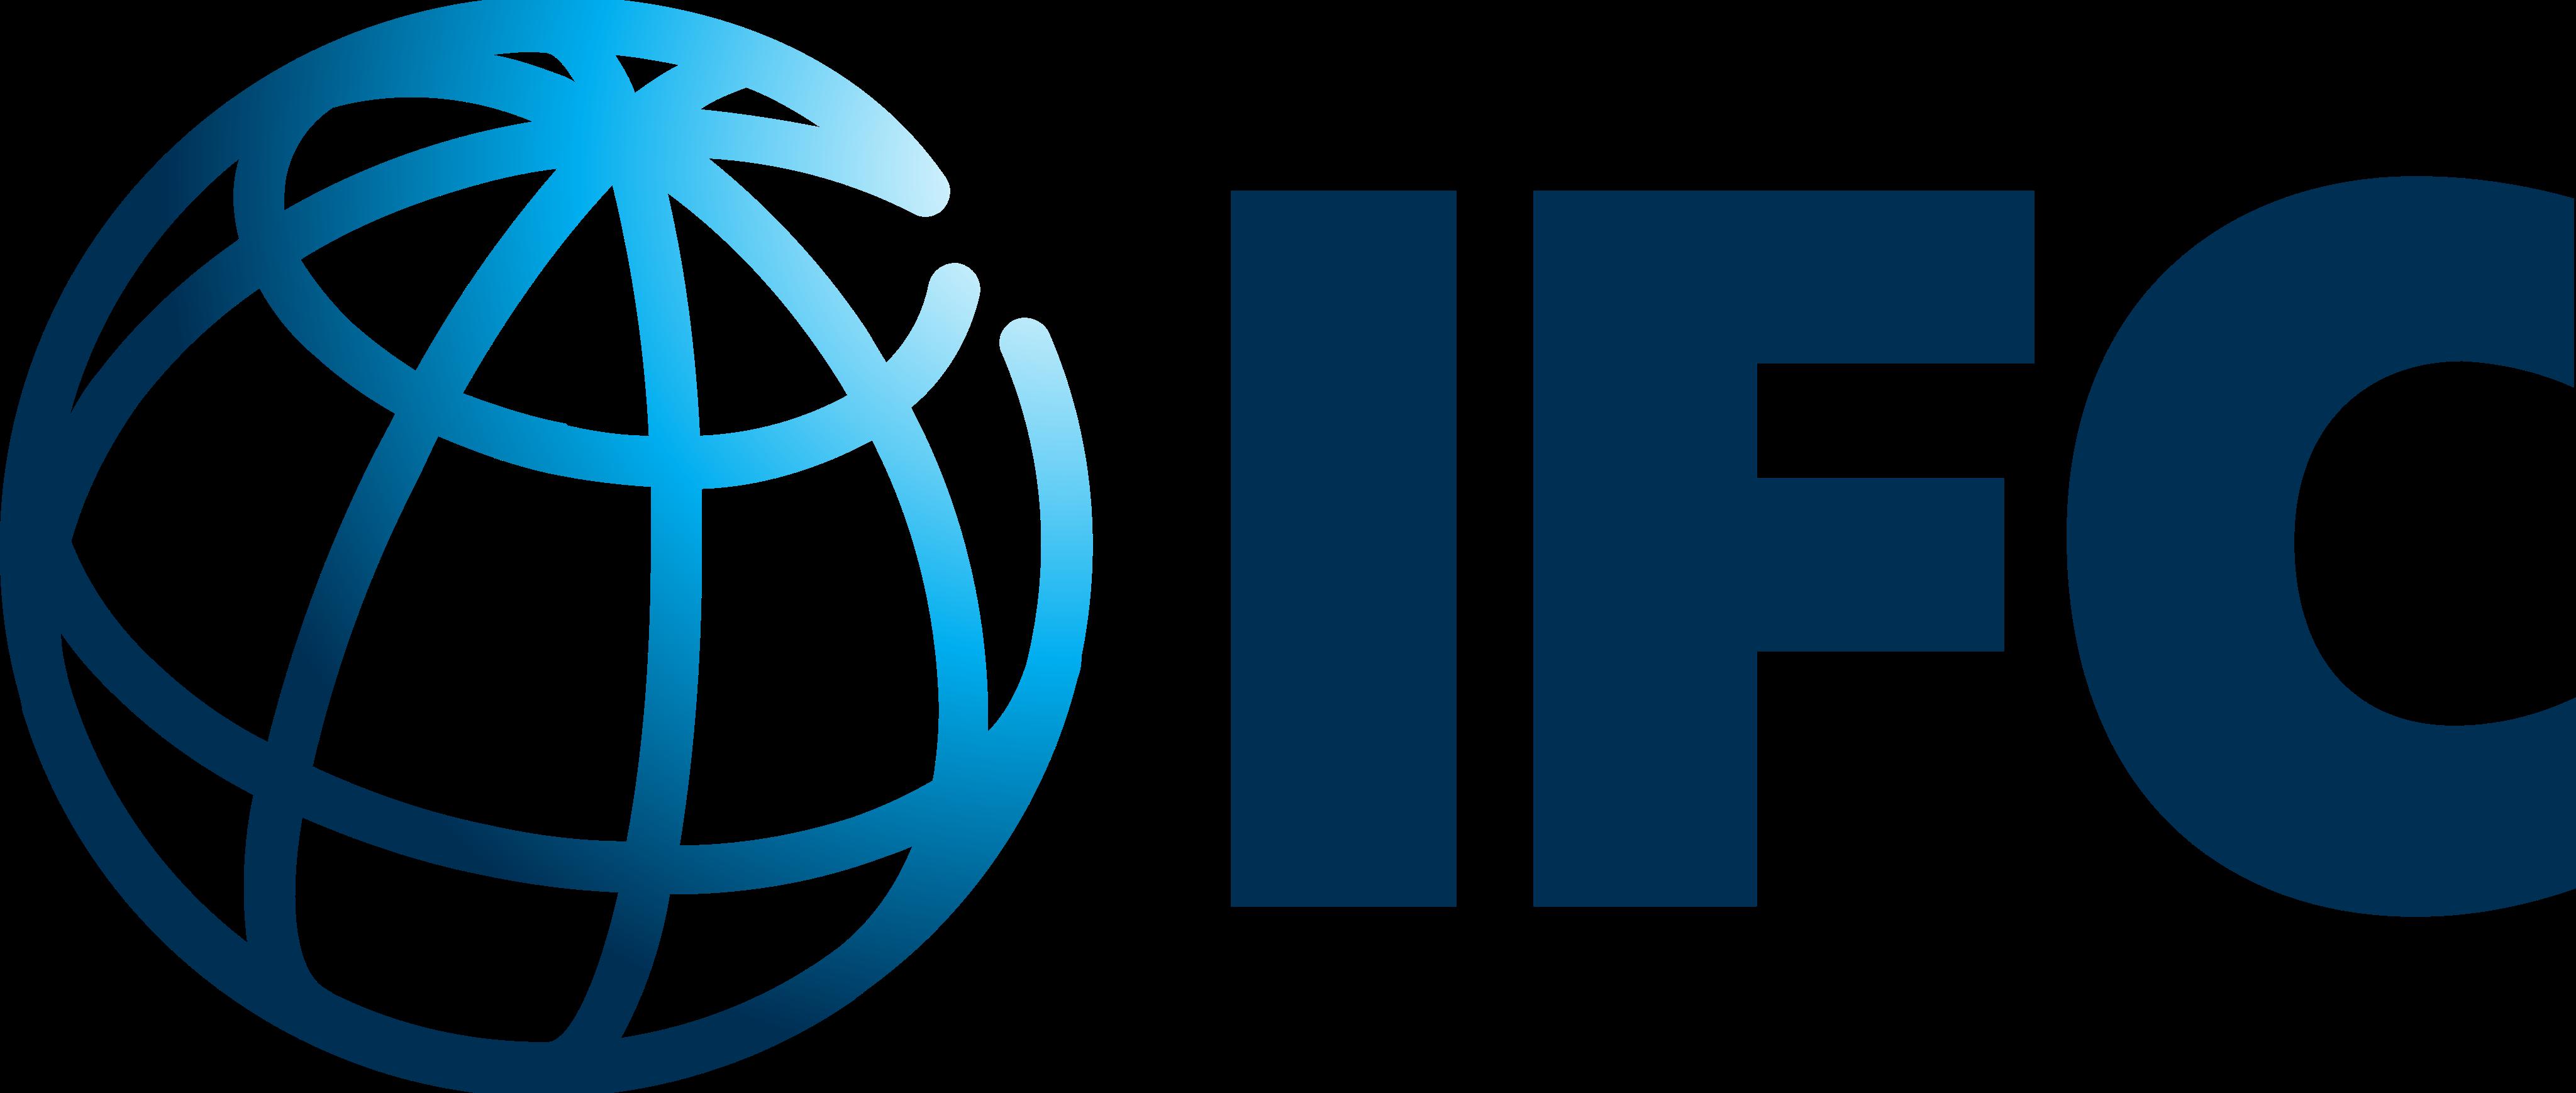 ifc logo 2 - IFC Logo